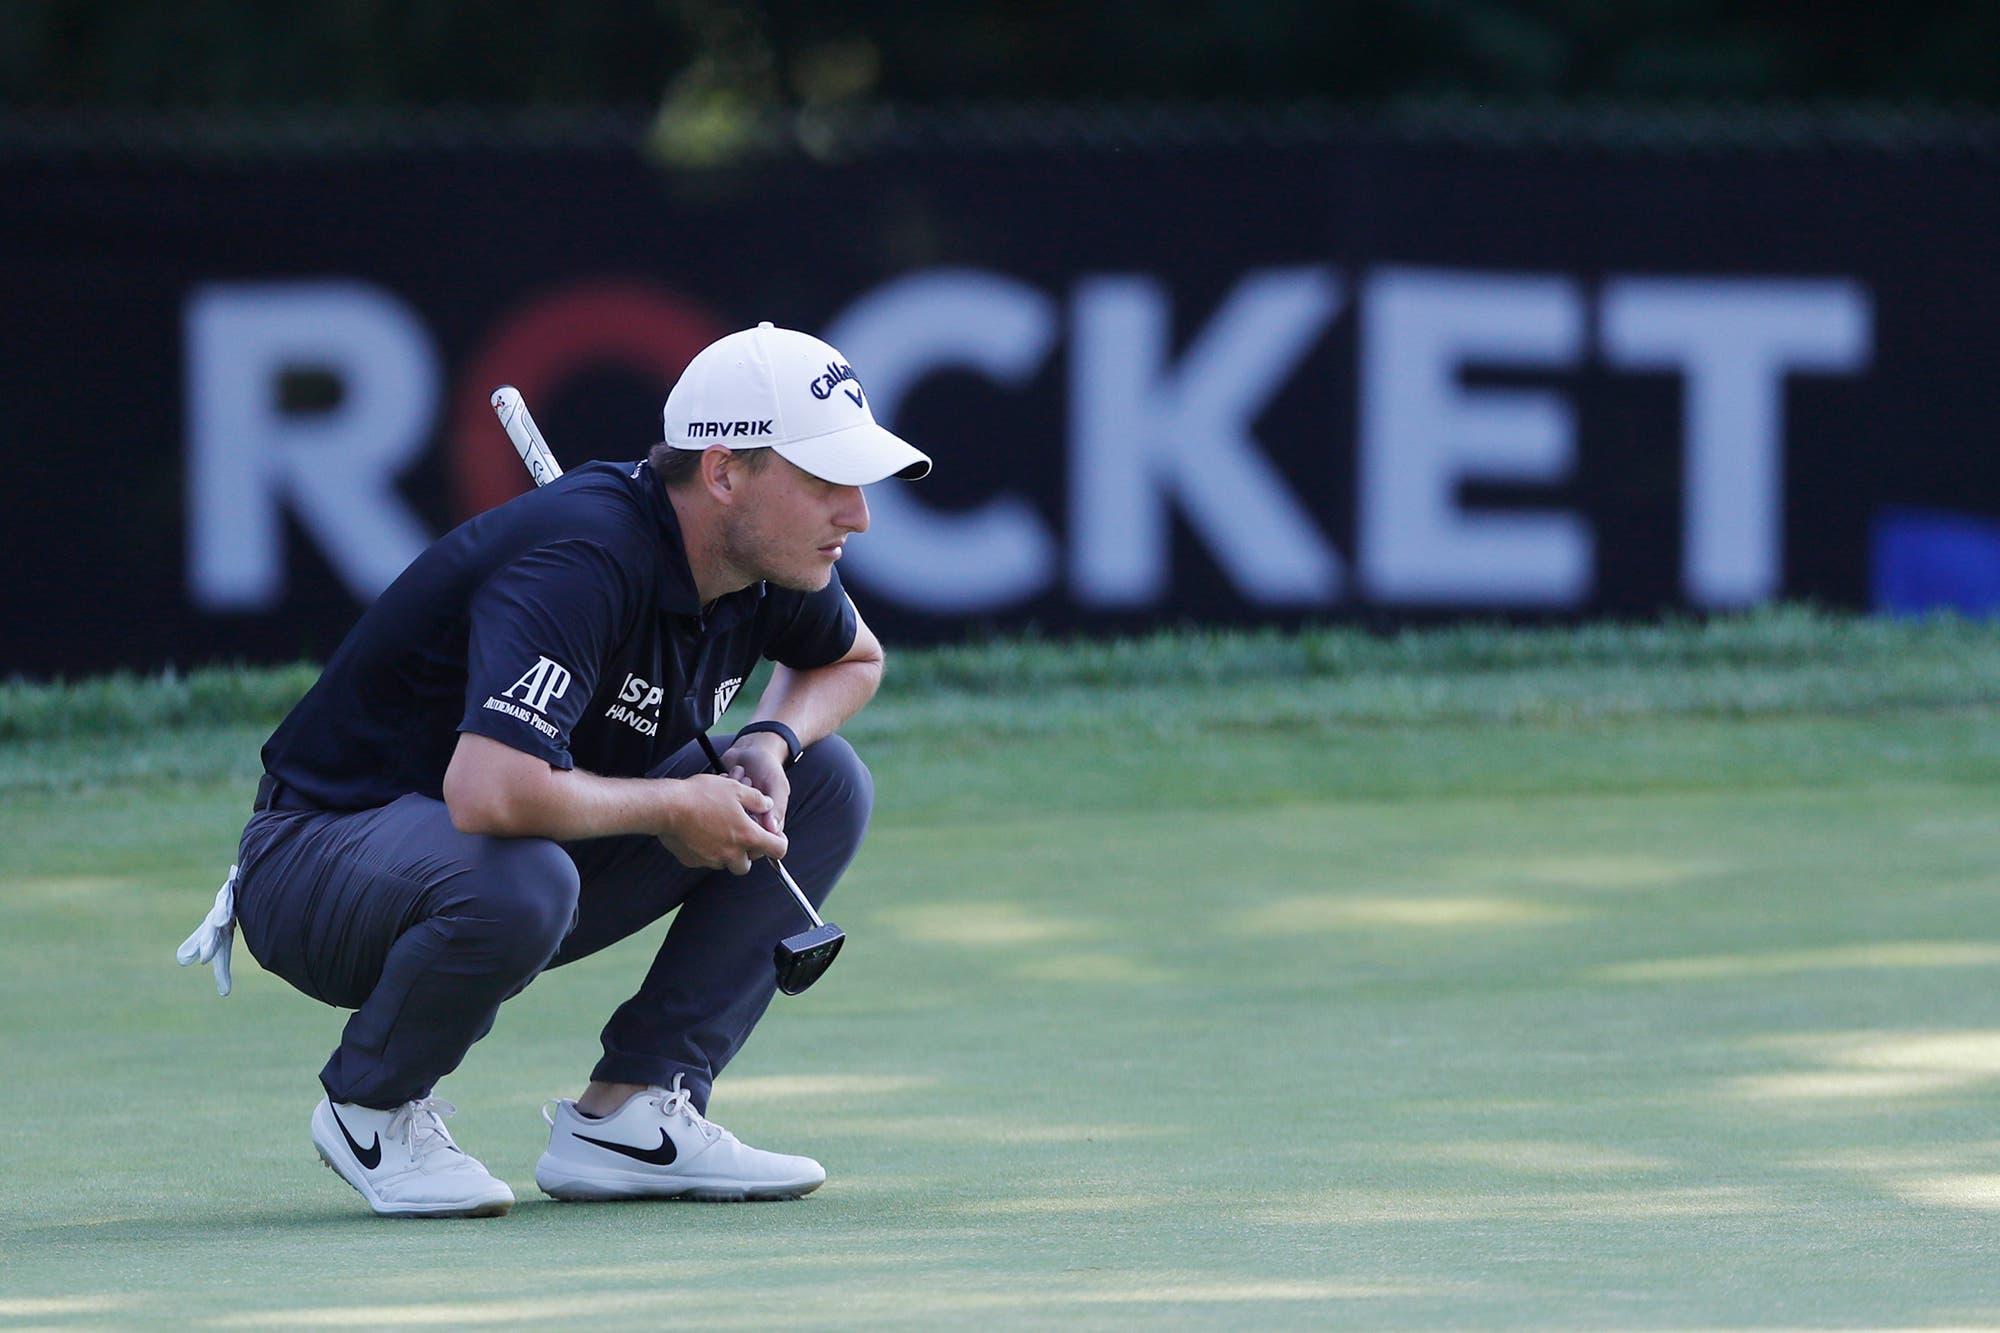 El PGA Tour. El chaqueño Emiliano Grillo se lució con una vuelta de seis birides y quedó a un golpe de la punta en Detroit